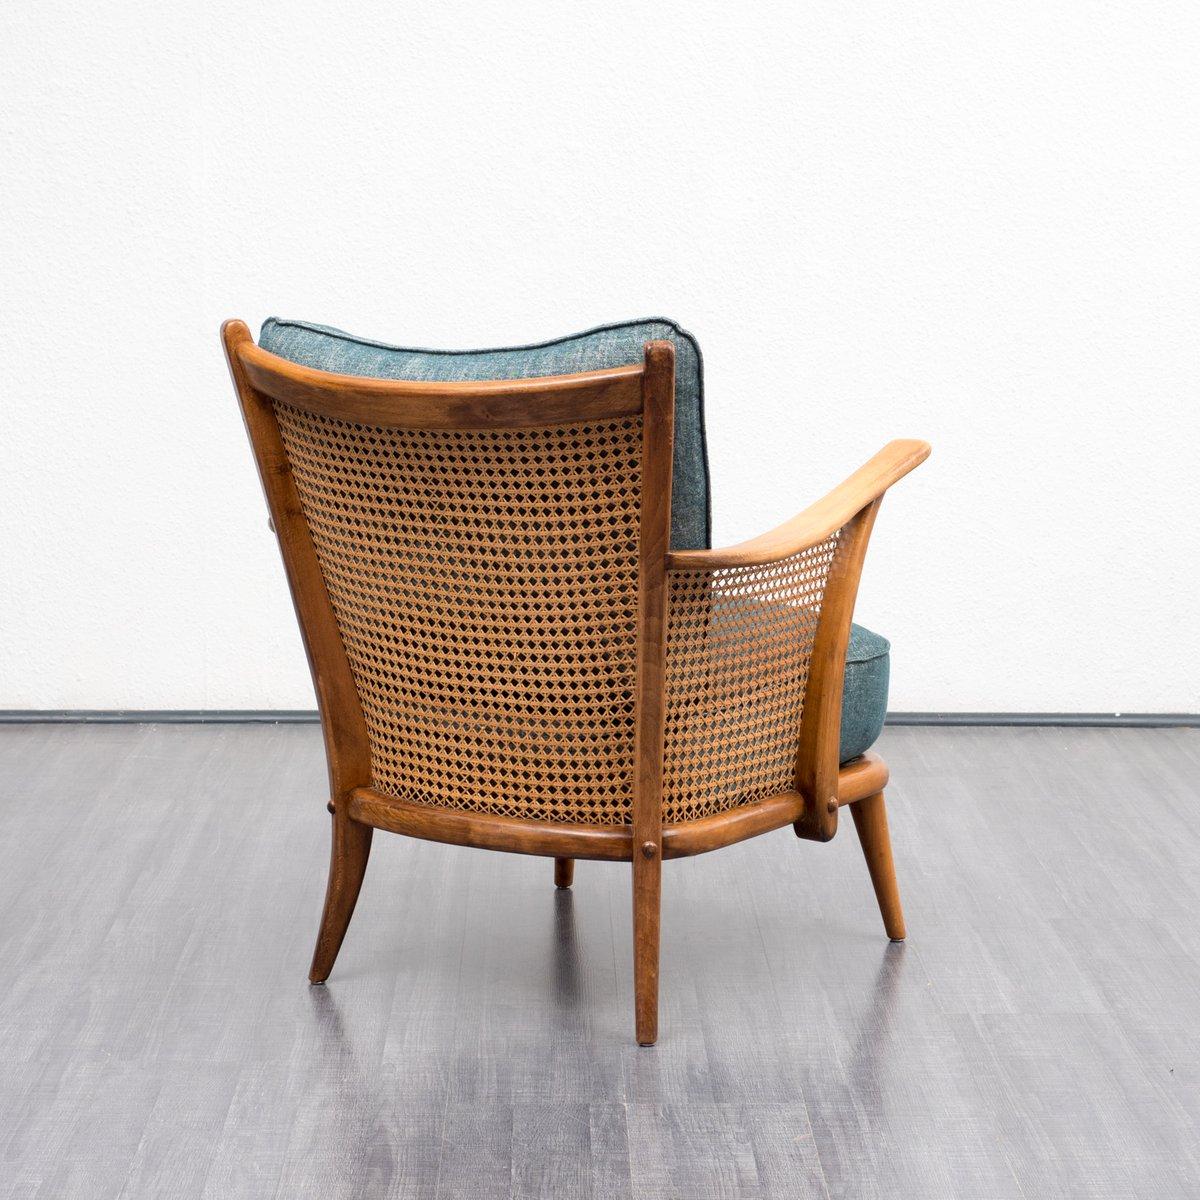 sessel mit wiener geflecht 1950er bei pamono kaufen. Black Bedroom Furniture Sets. Home Design Ideas